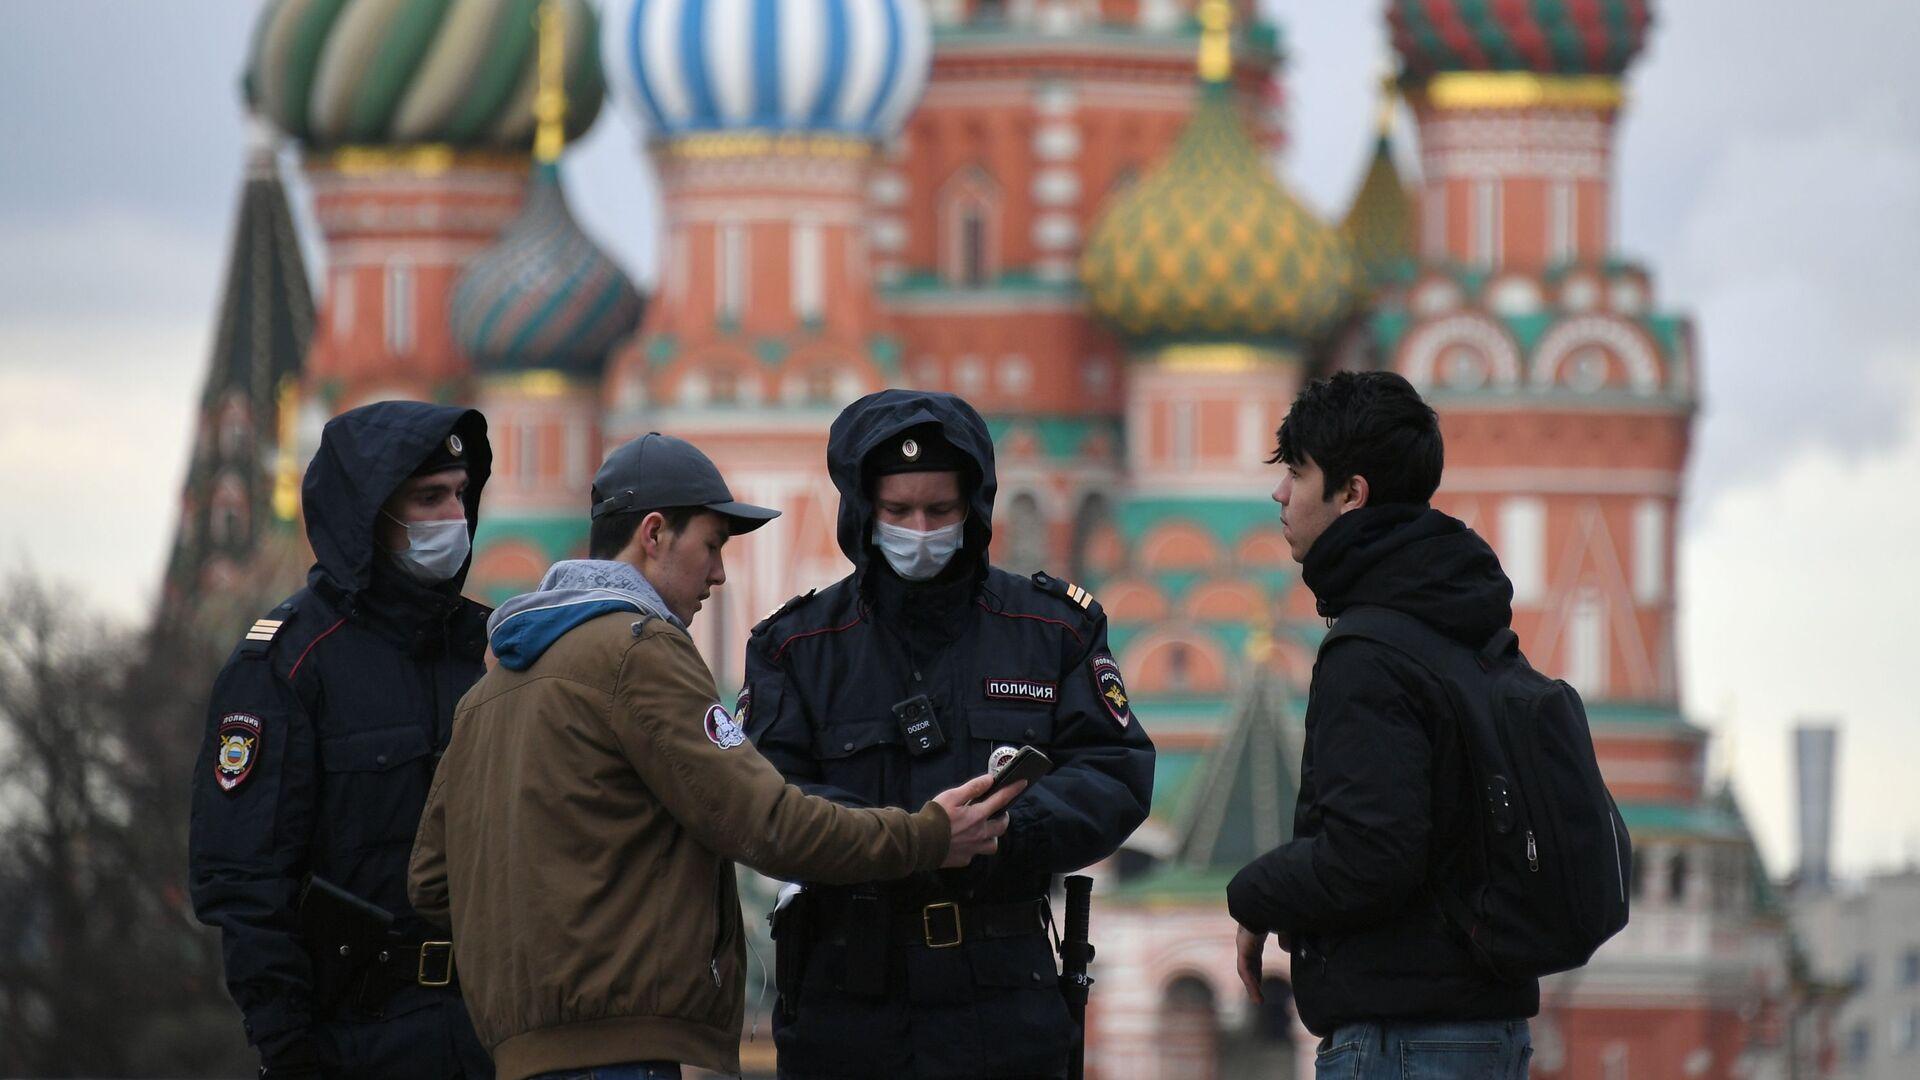 Revisión de pases digitales en Moscú - Sputnik Mundo, 1920, 04.06.2021